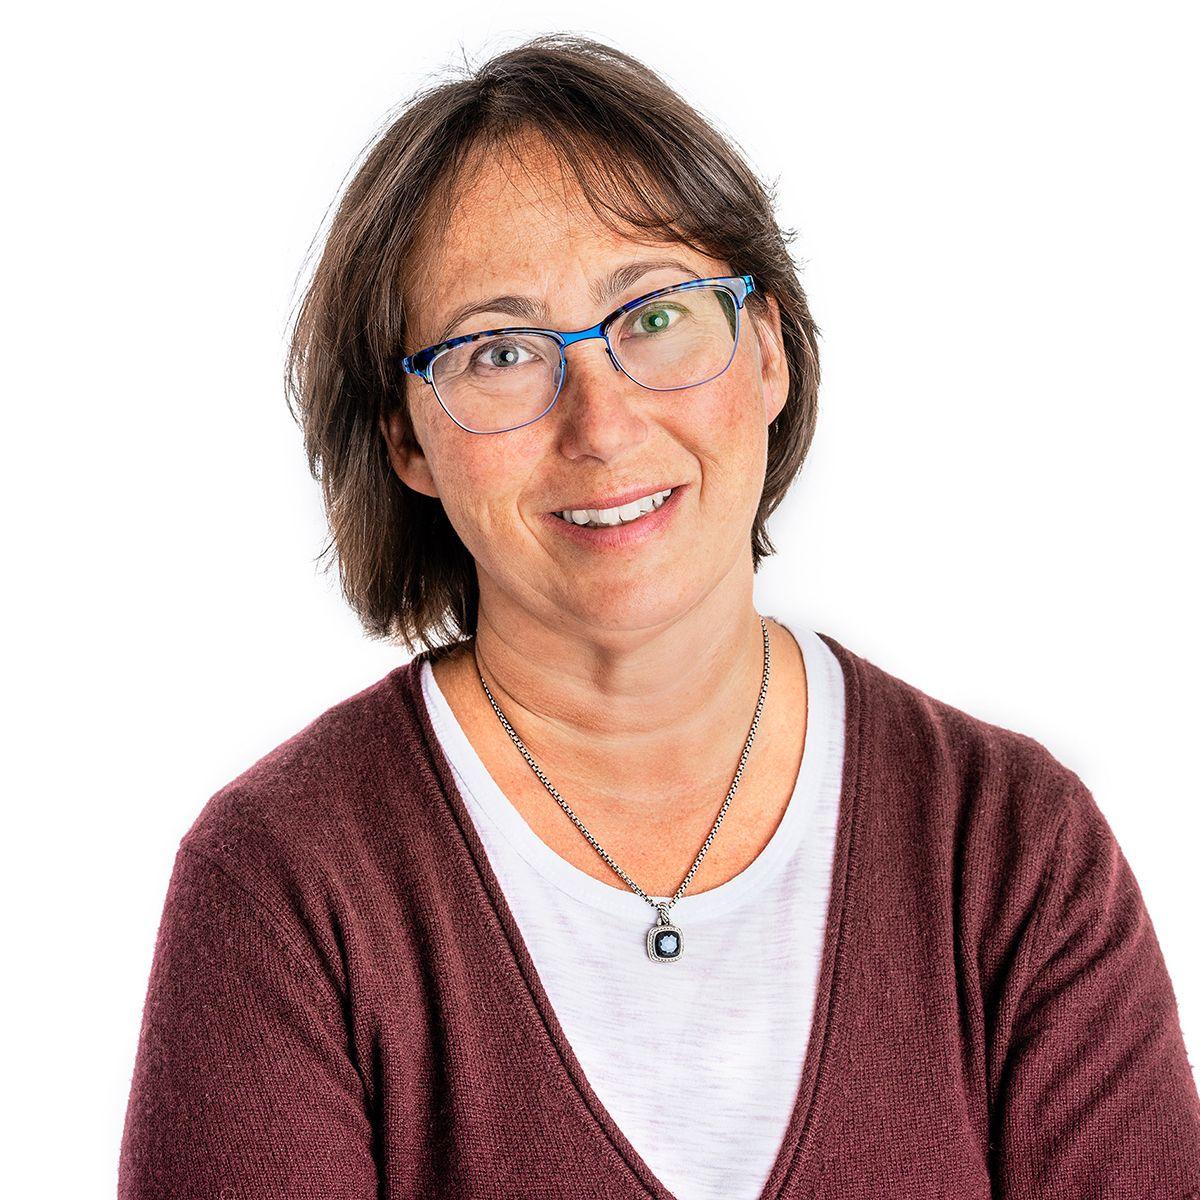 Julia Zhogina